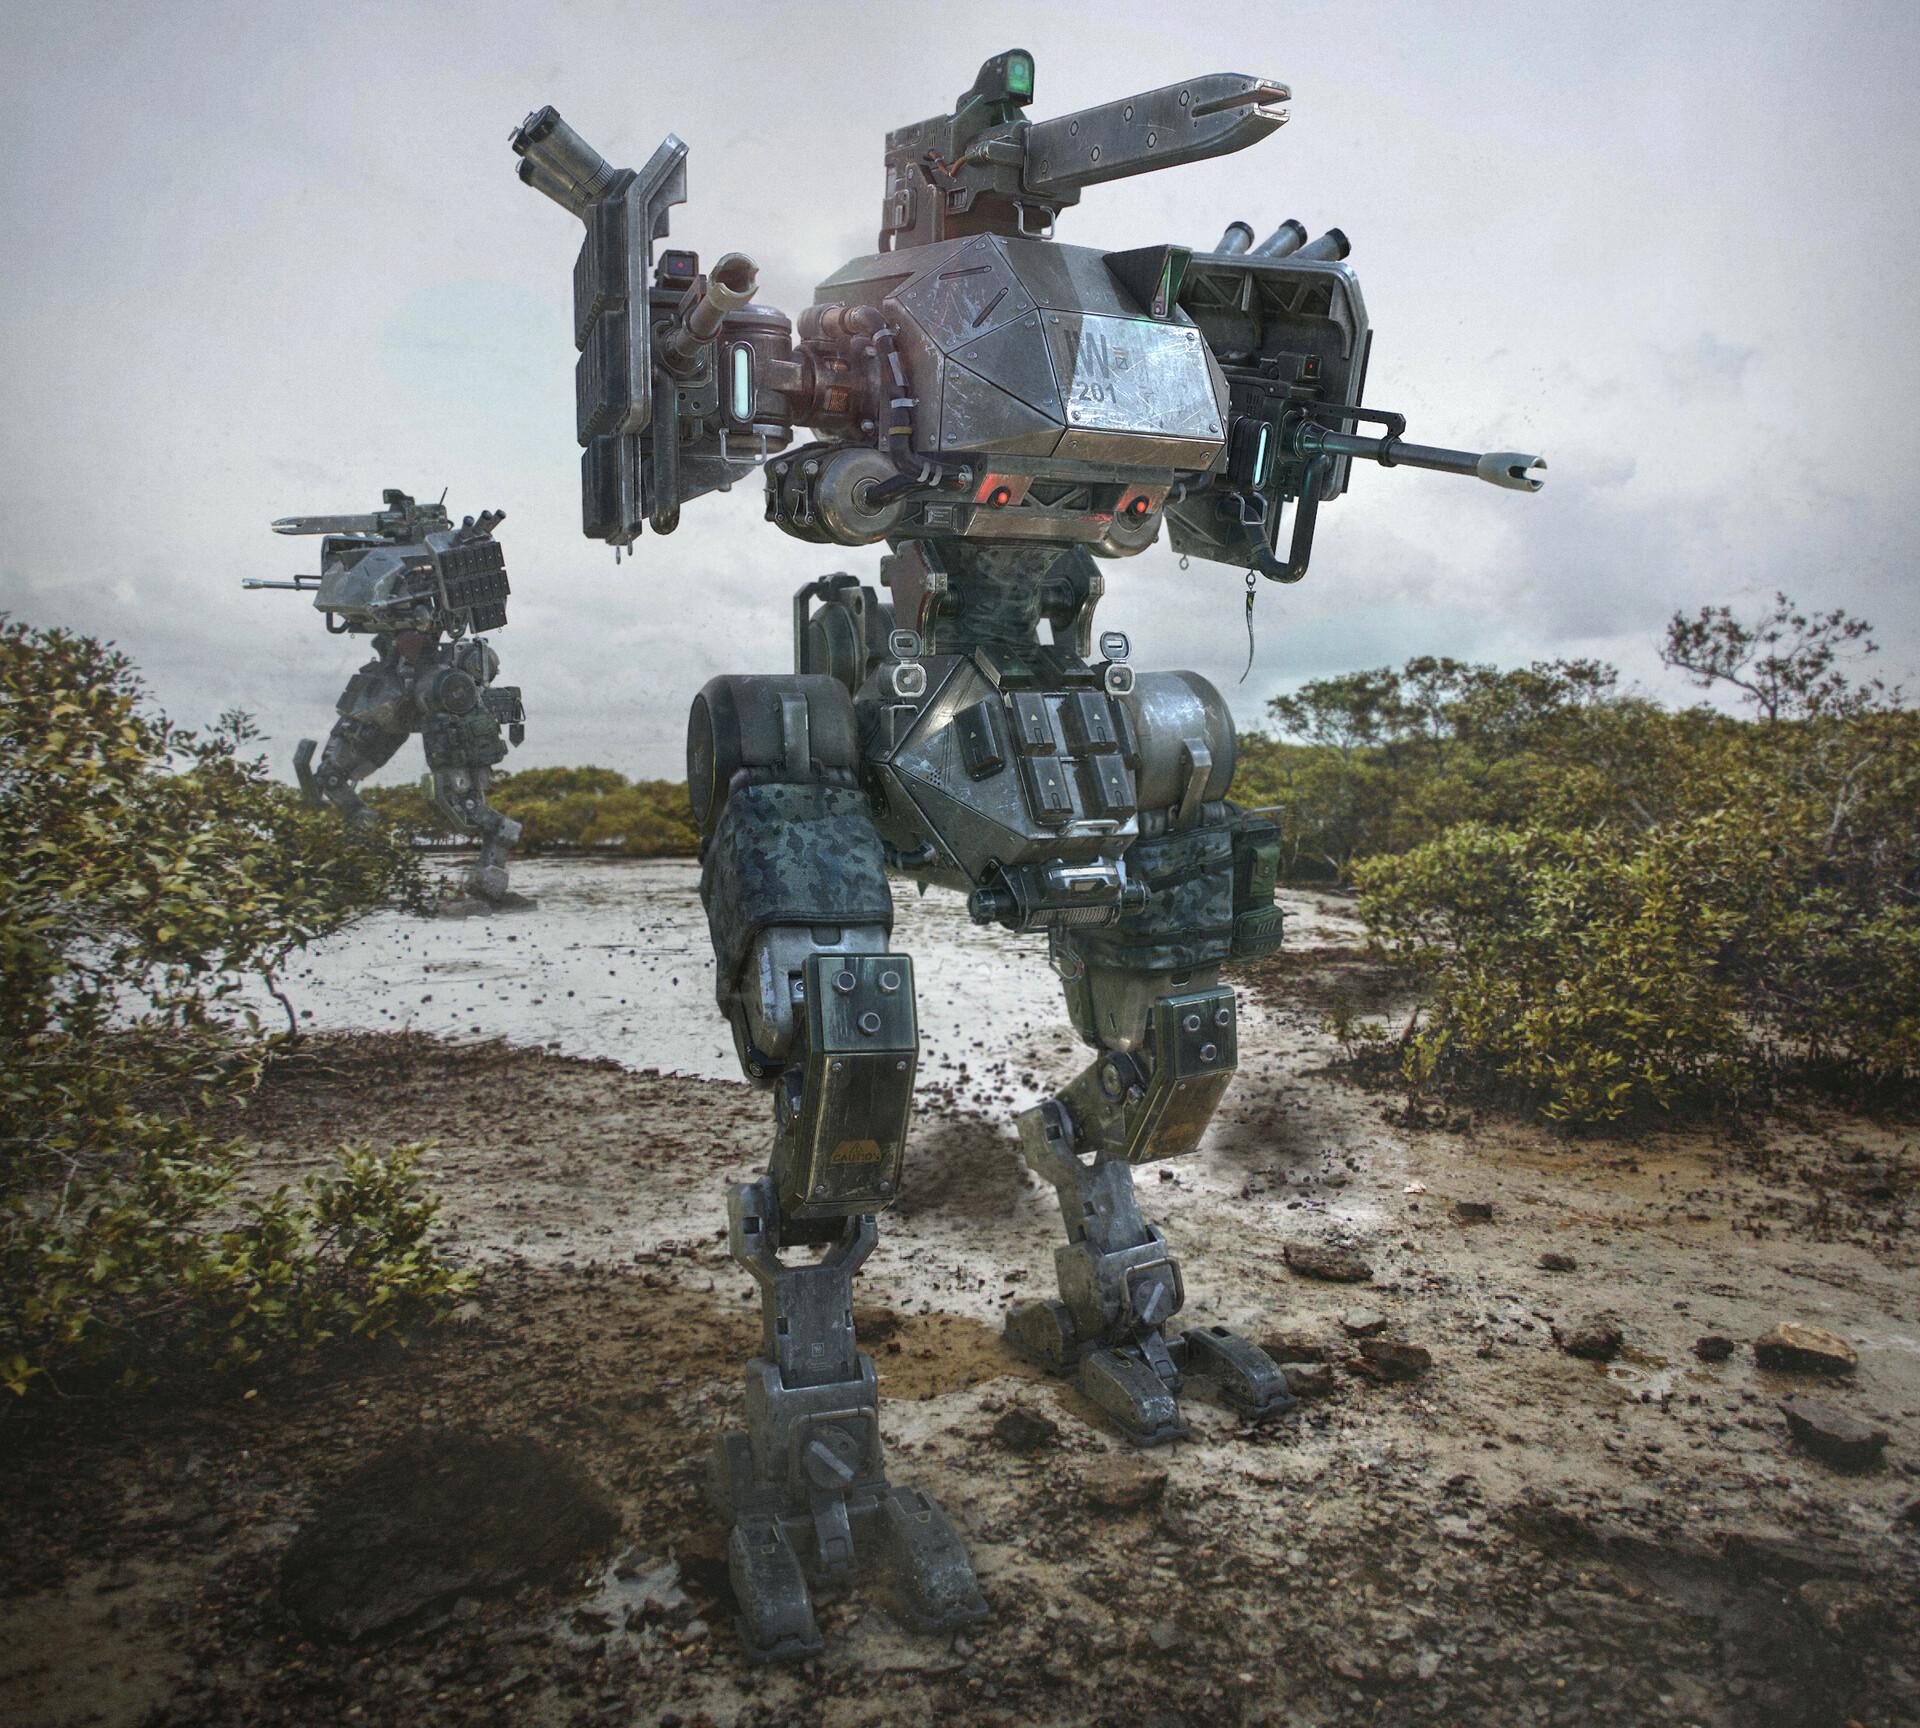 Patrick nuckels infantry walker r5 beauty background 01